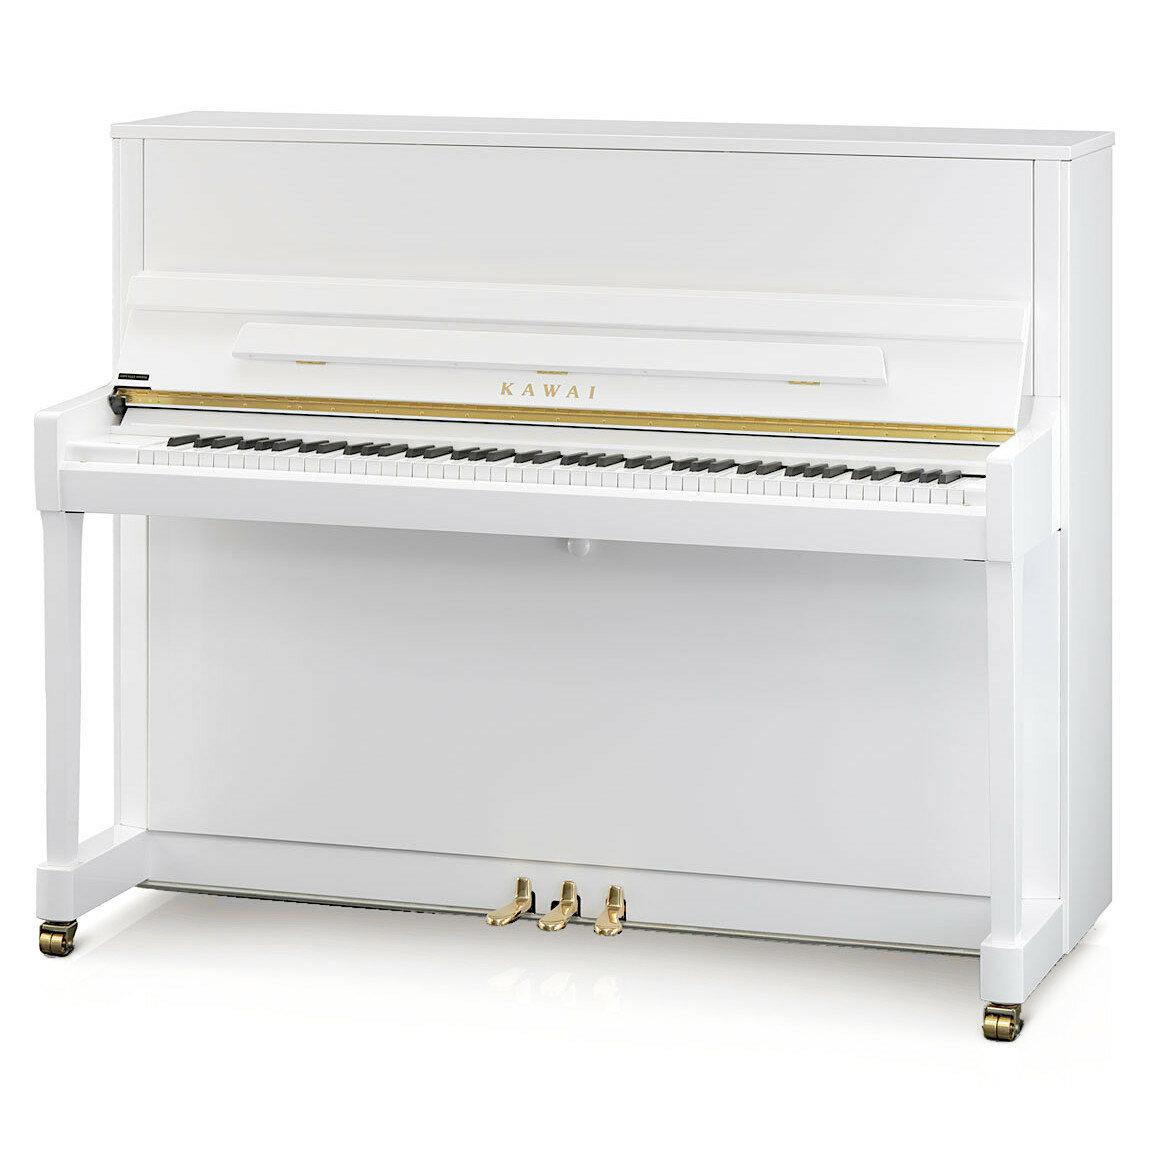 KAWAI K-300 WH/P, цвет белый полированный (Акустические пианино)